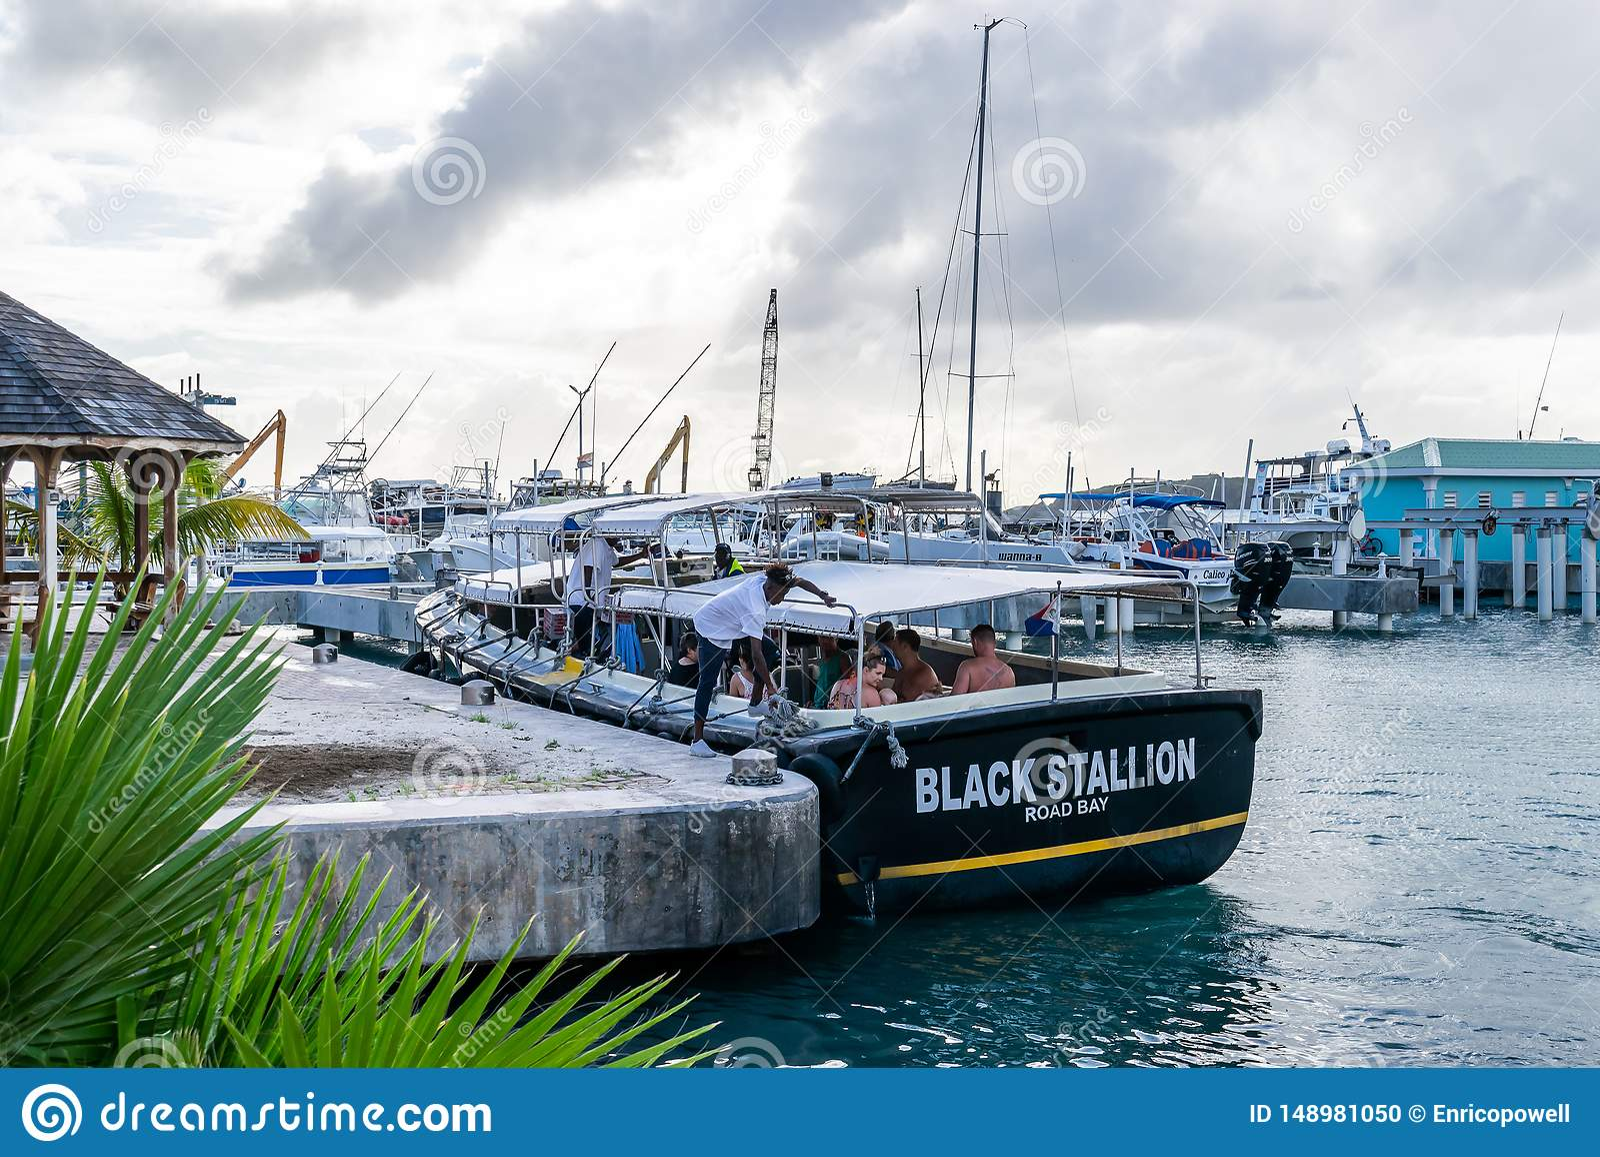 黑公马路海湾游览小船的白种人游人在造船厂乘员组解开从海洋系船柱的绳索航行的